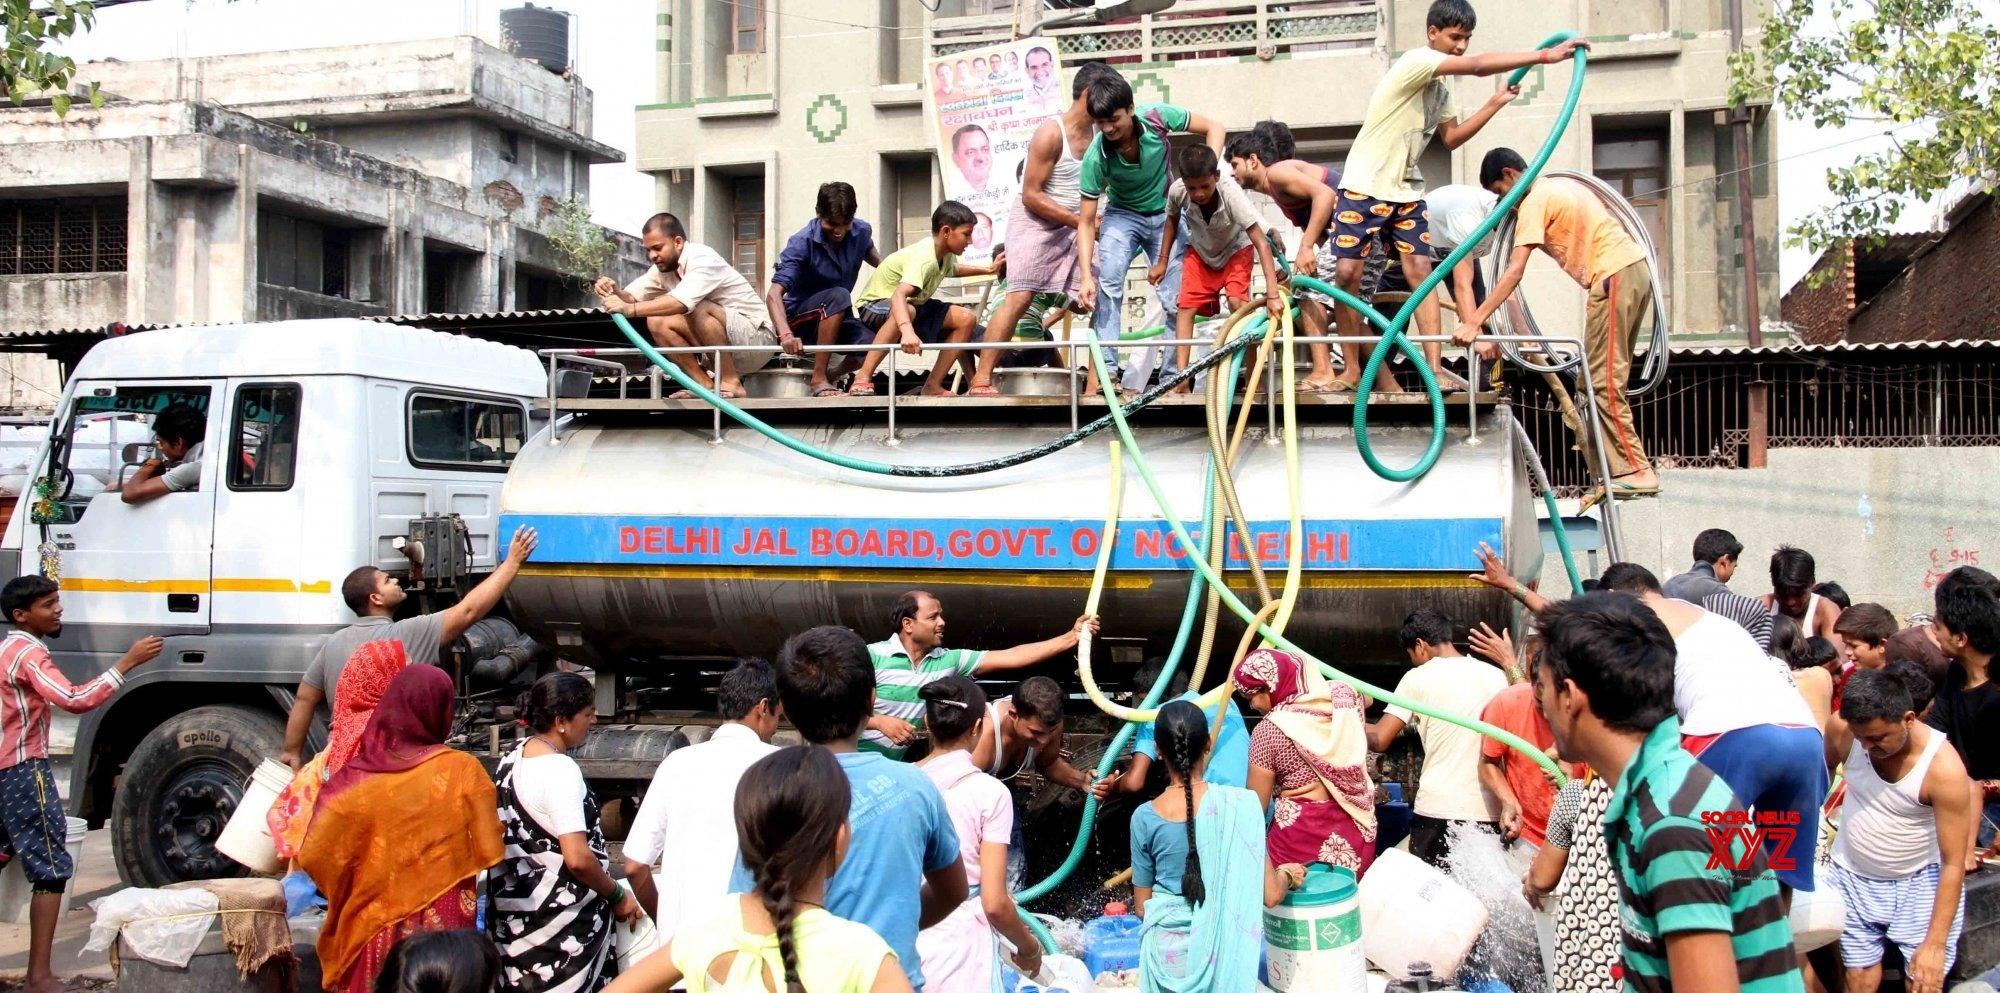 Parts of Delhi to face water shortage till Sep 17: DJB